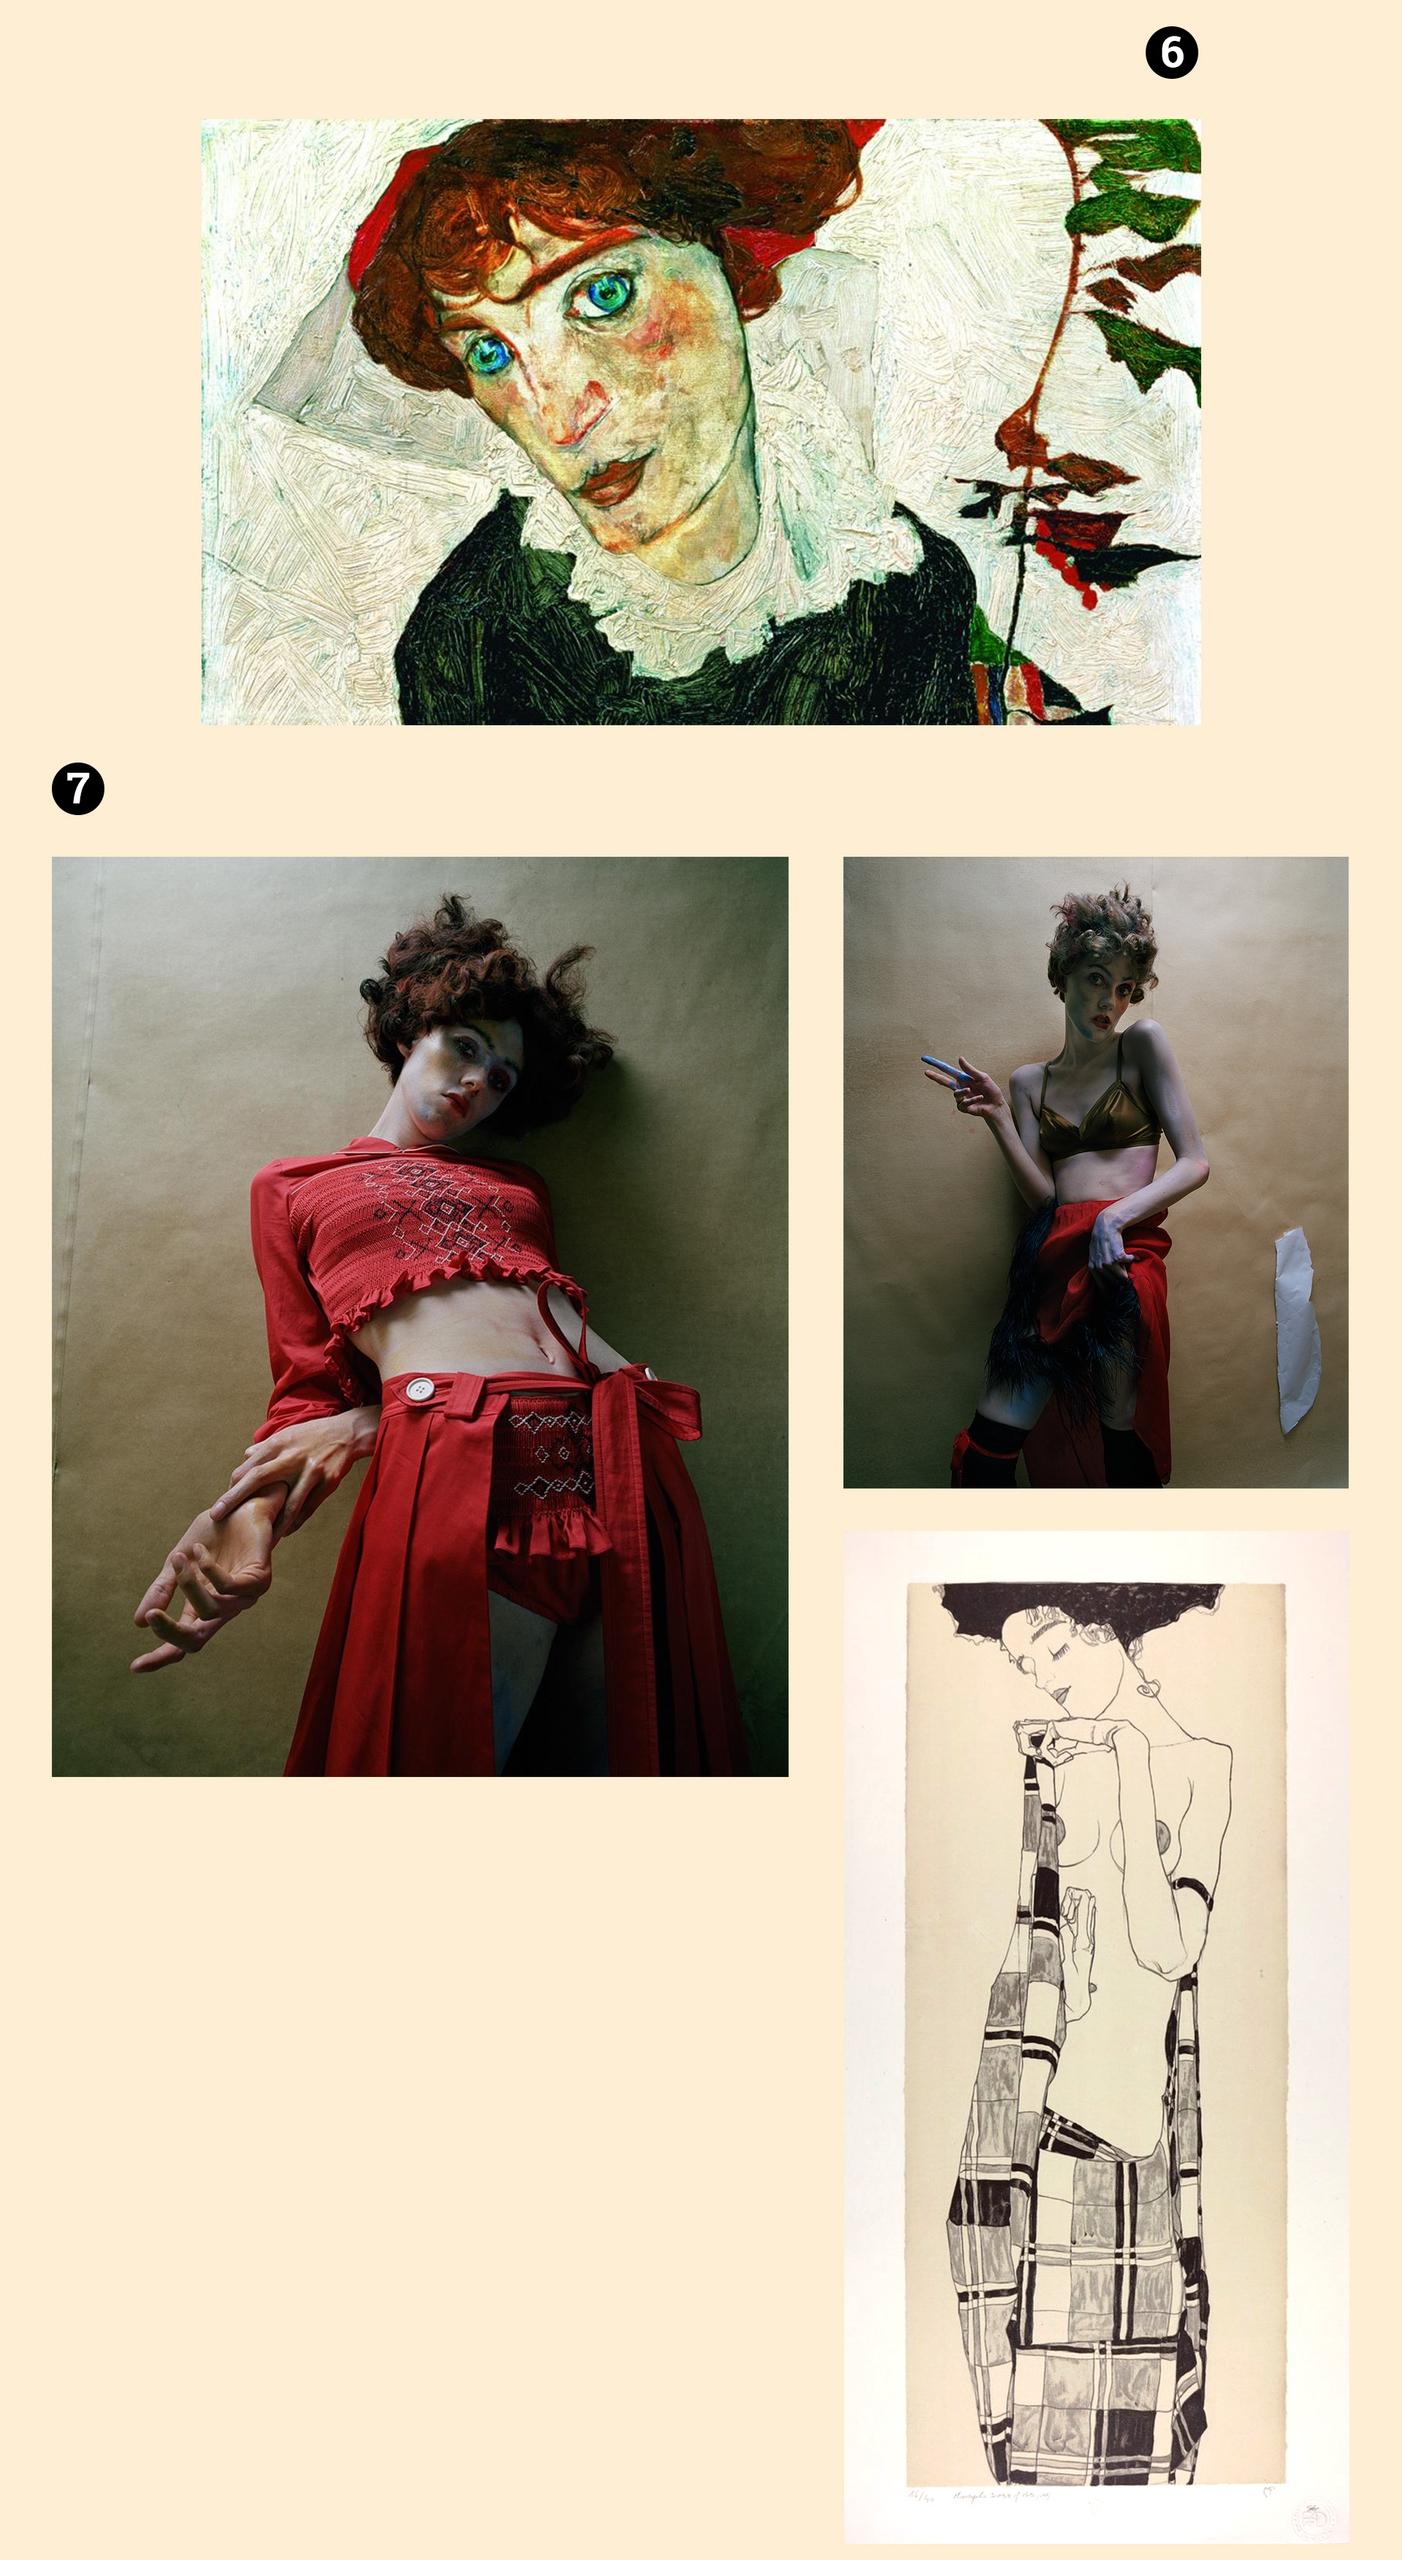 Obraz przedstawia cztery fotografie, z czego dwie to fotografie modelek w pozach, a dwie pozostałe przedstawiają prace znanego artysty.